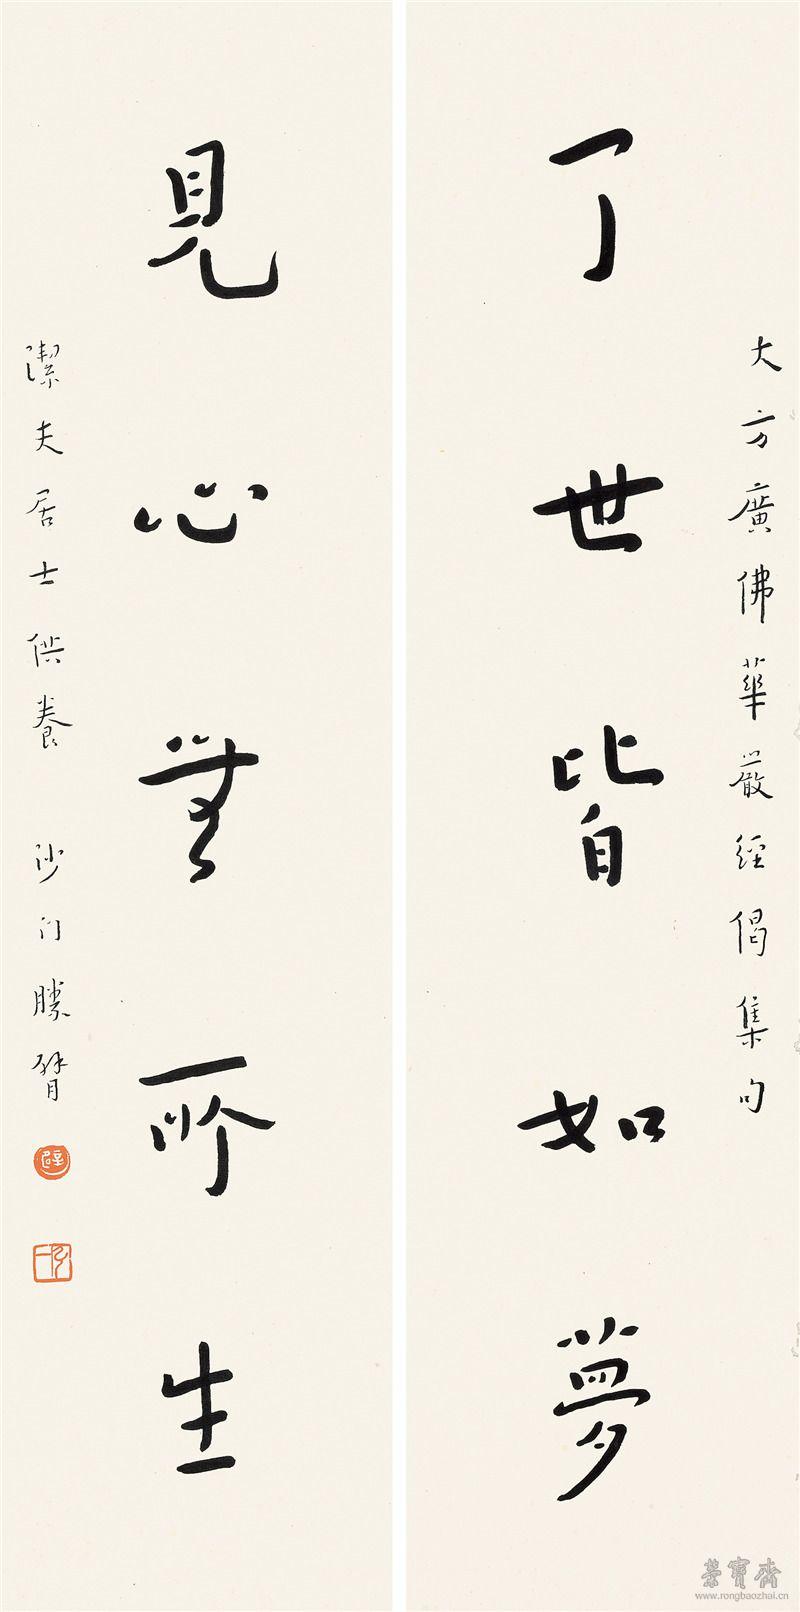 弘一 1880-1942 行书五言联